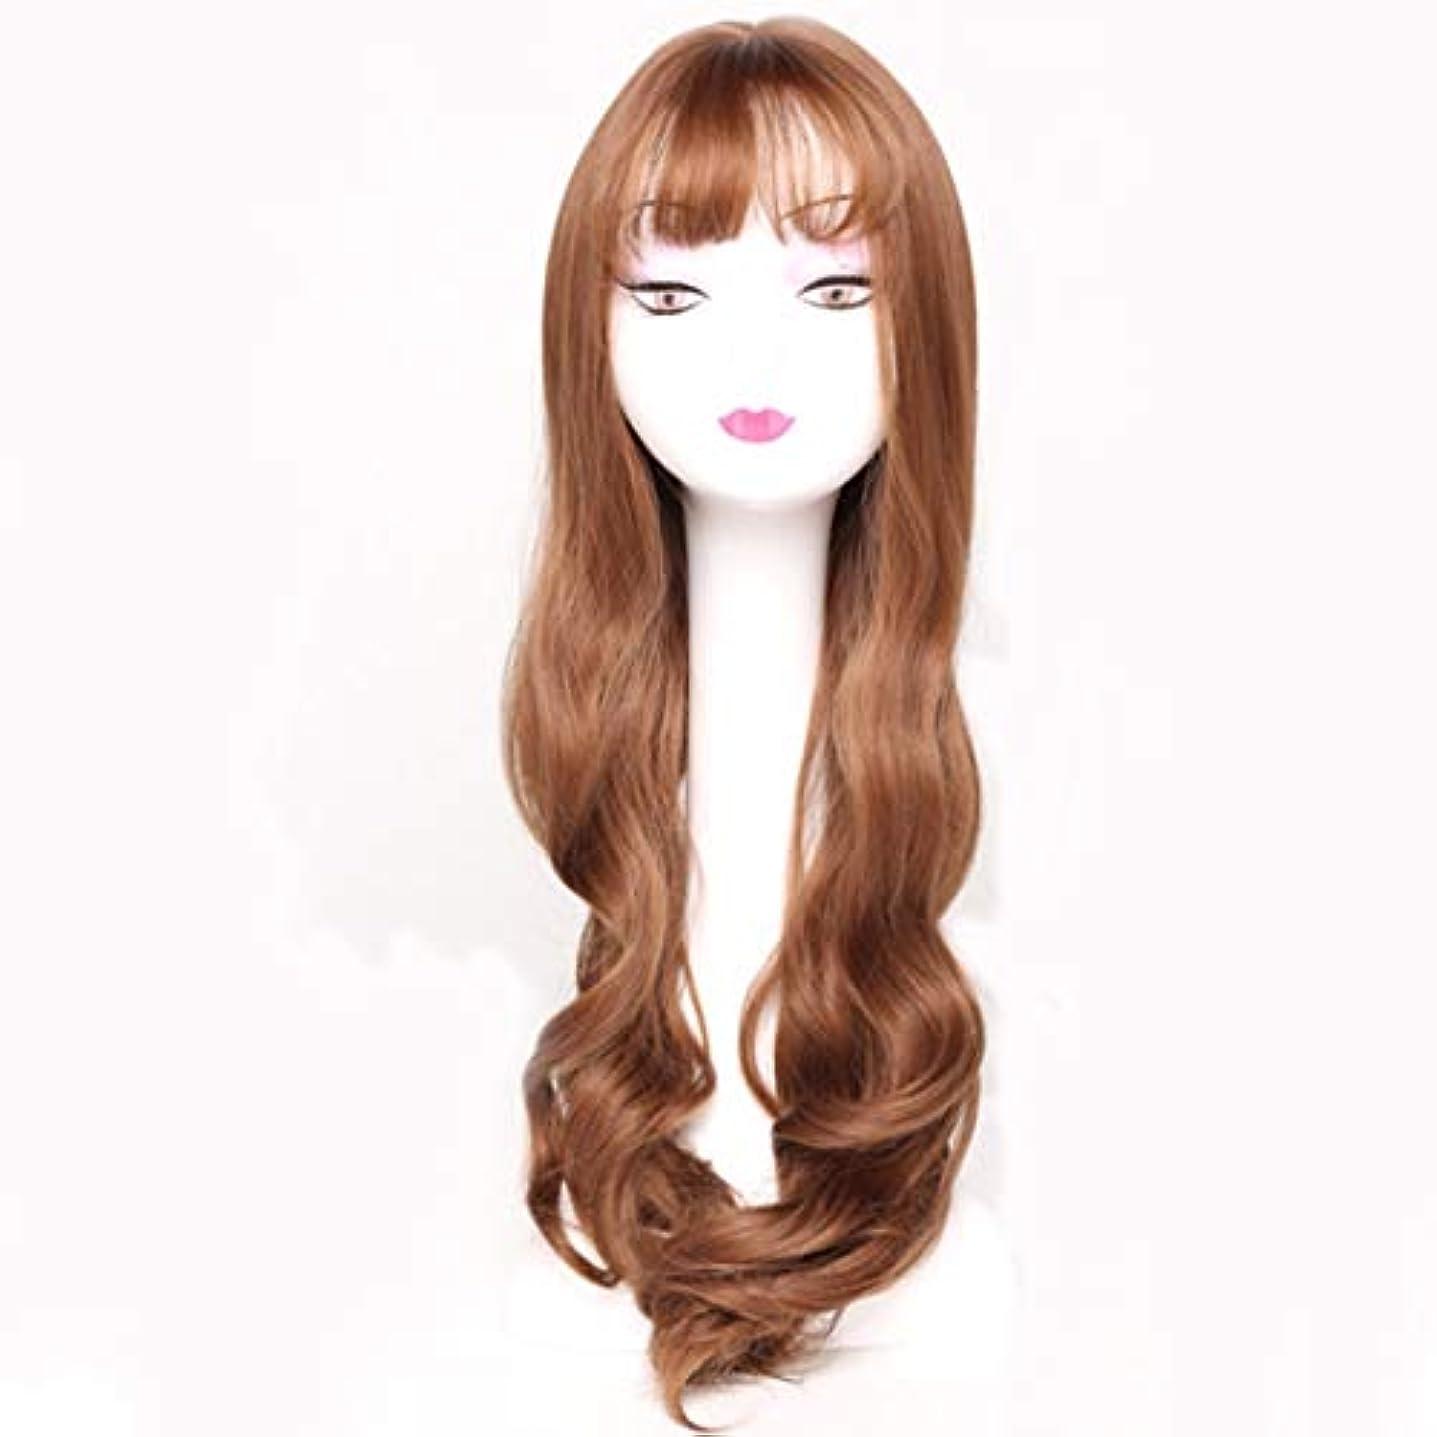 地区定規引用Kerwinner レディースウィッグカーリー合成かつら前髪合成耐熱女性ヘアスタイルカスタムコスプレパーティーウィッグ